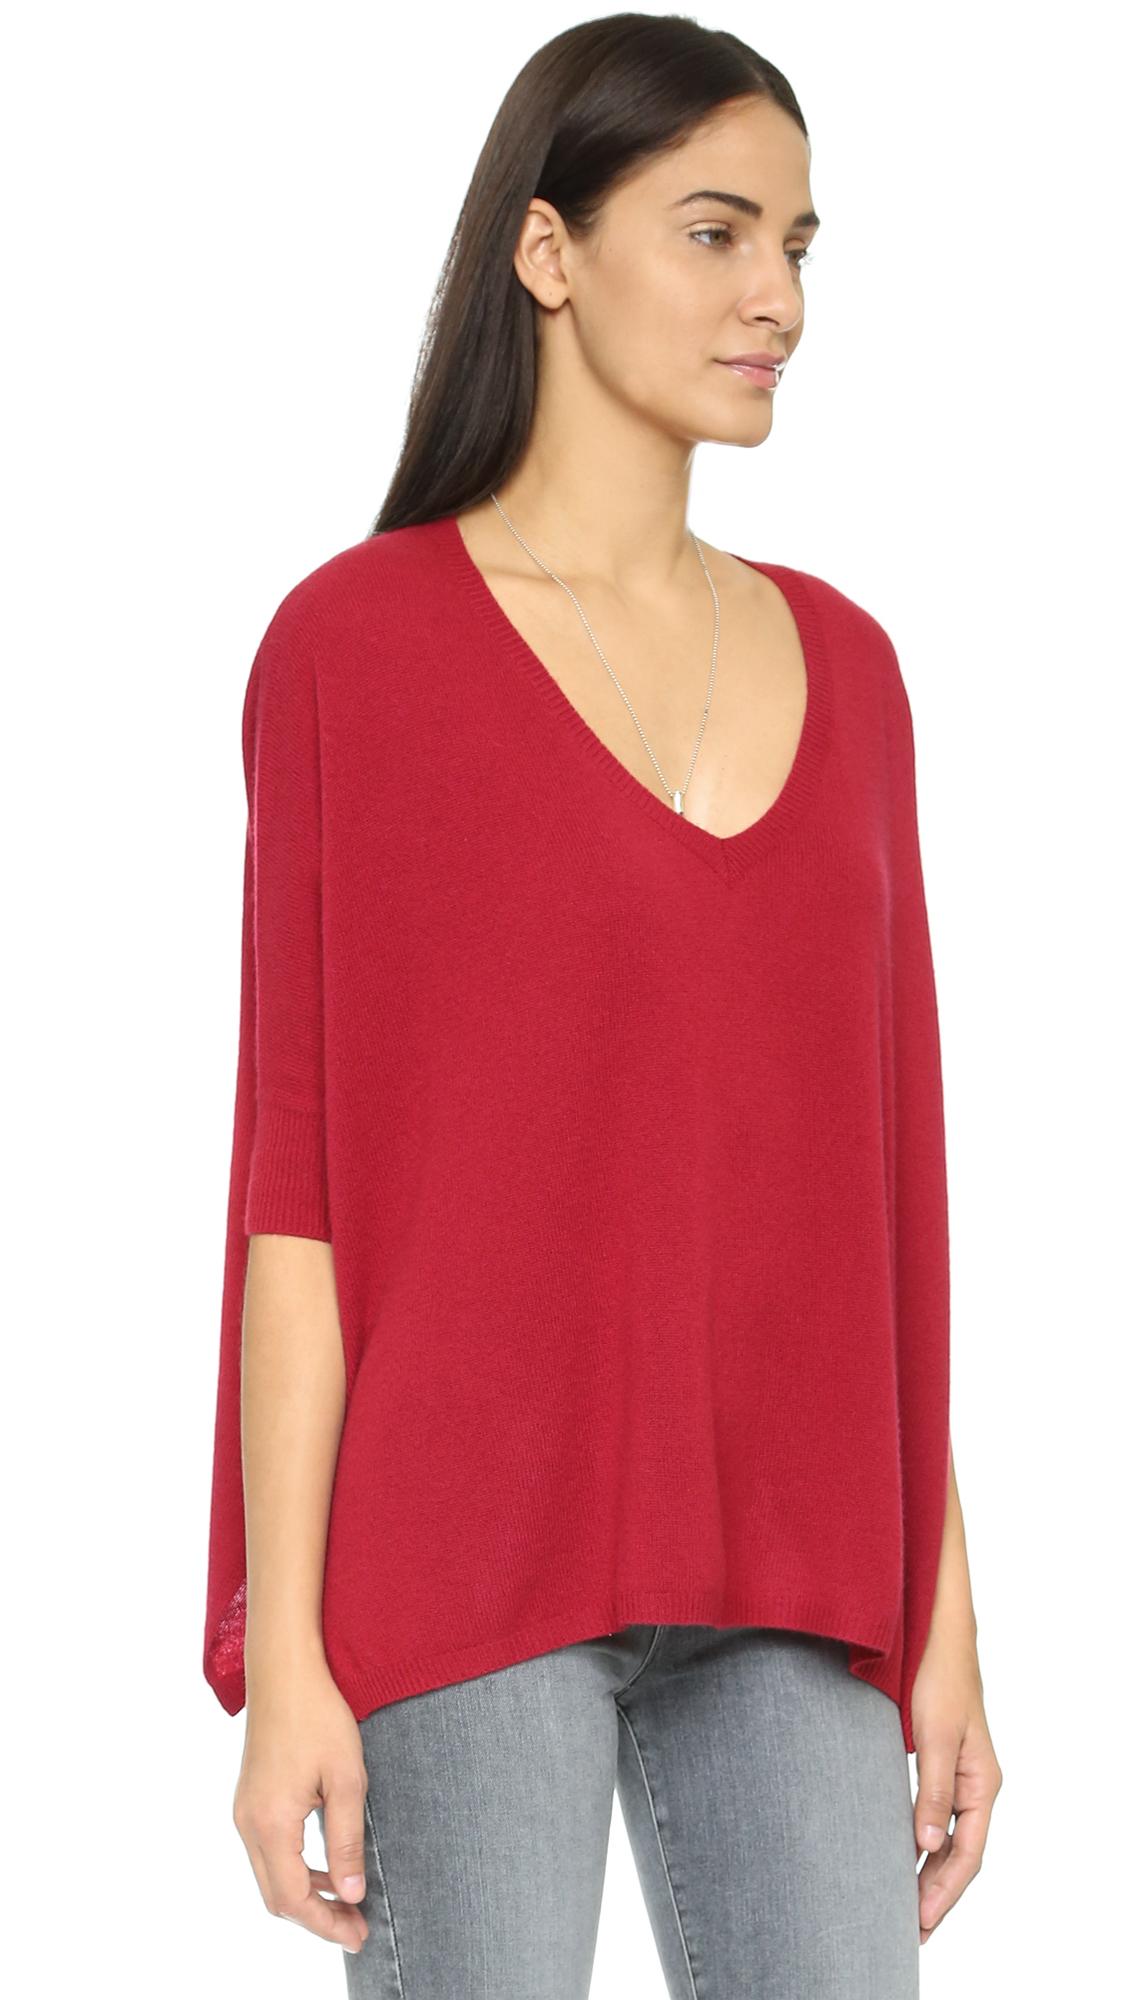 Minnie rose Boyfriend Cashmere Sweater in Red | Lyst